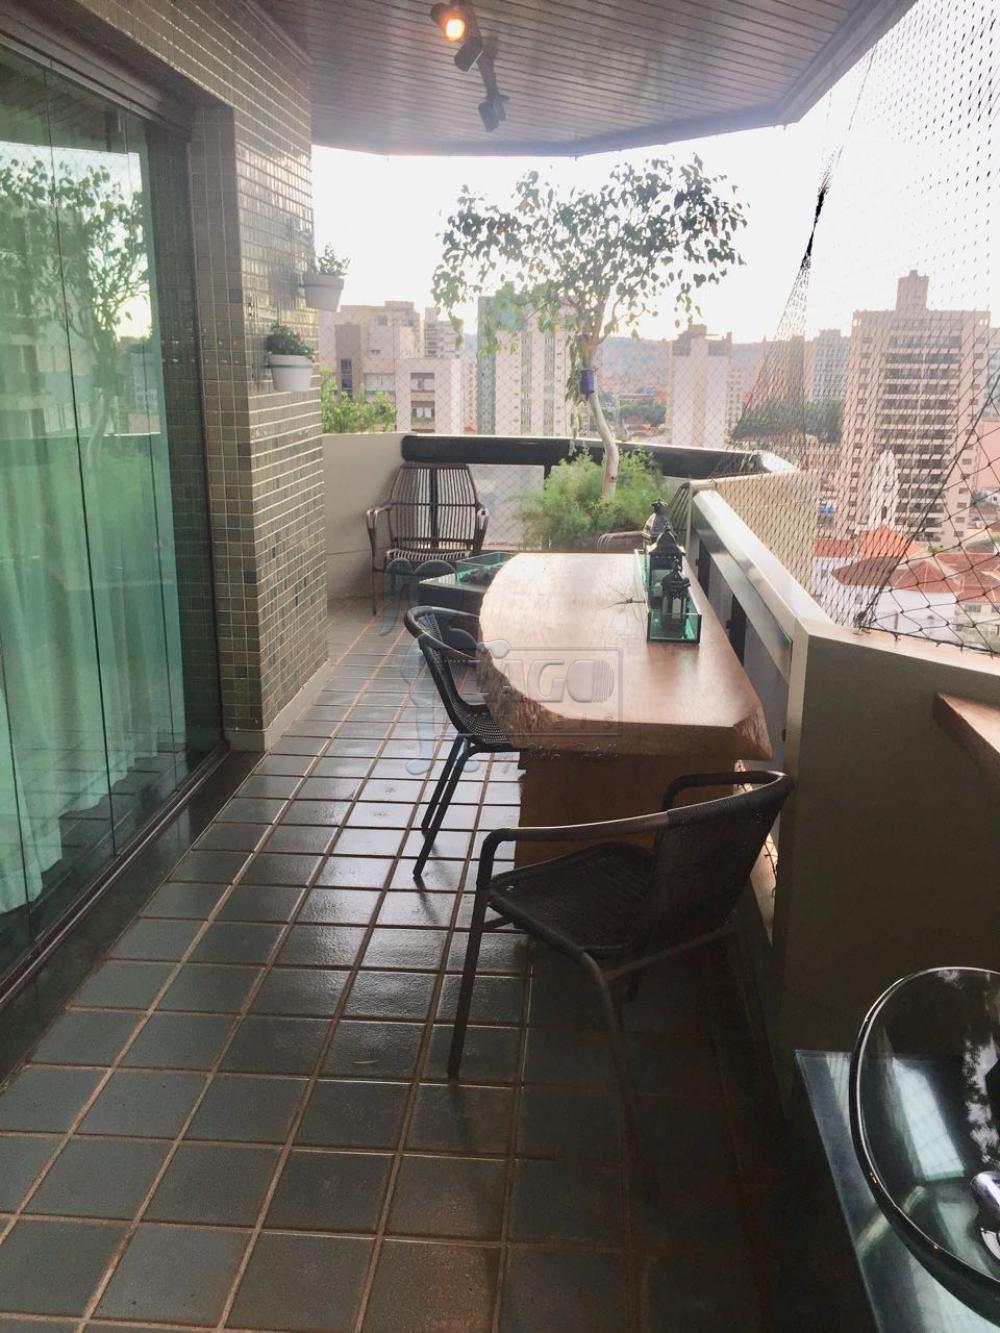 Comprar Apartamento / Padrão em Ribeirão Preto apenas R$ 1.100.000,00 - Foto 8